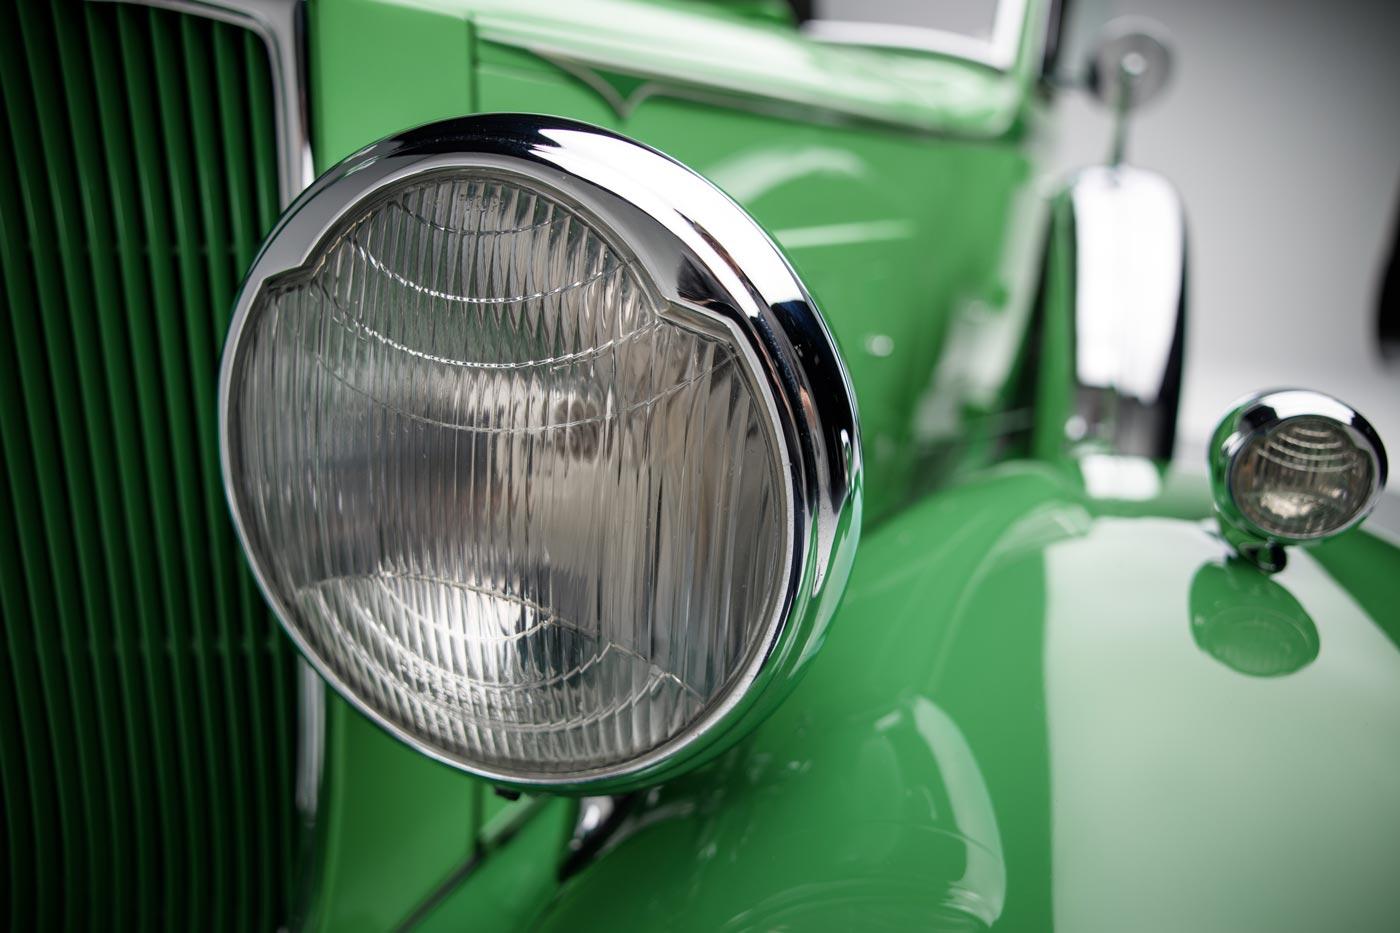 1932 Packard Light Eight - The JBS Collection Blog